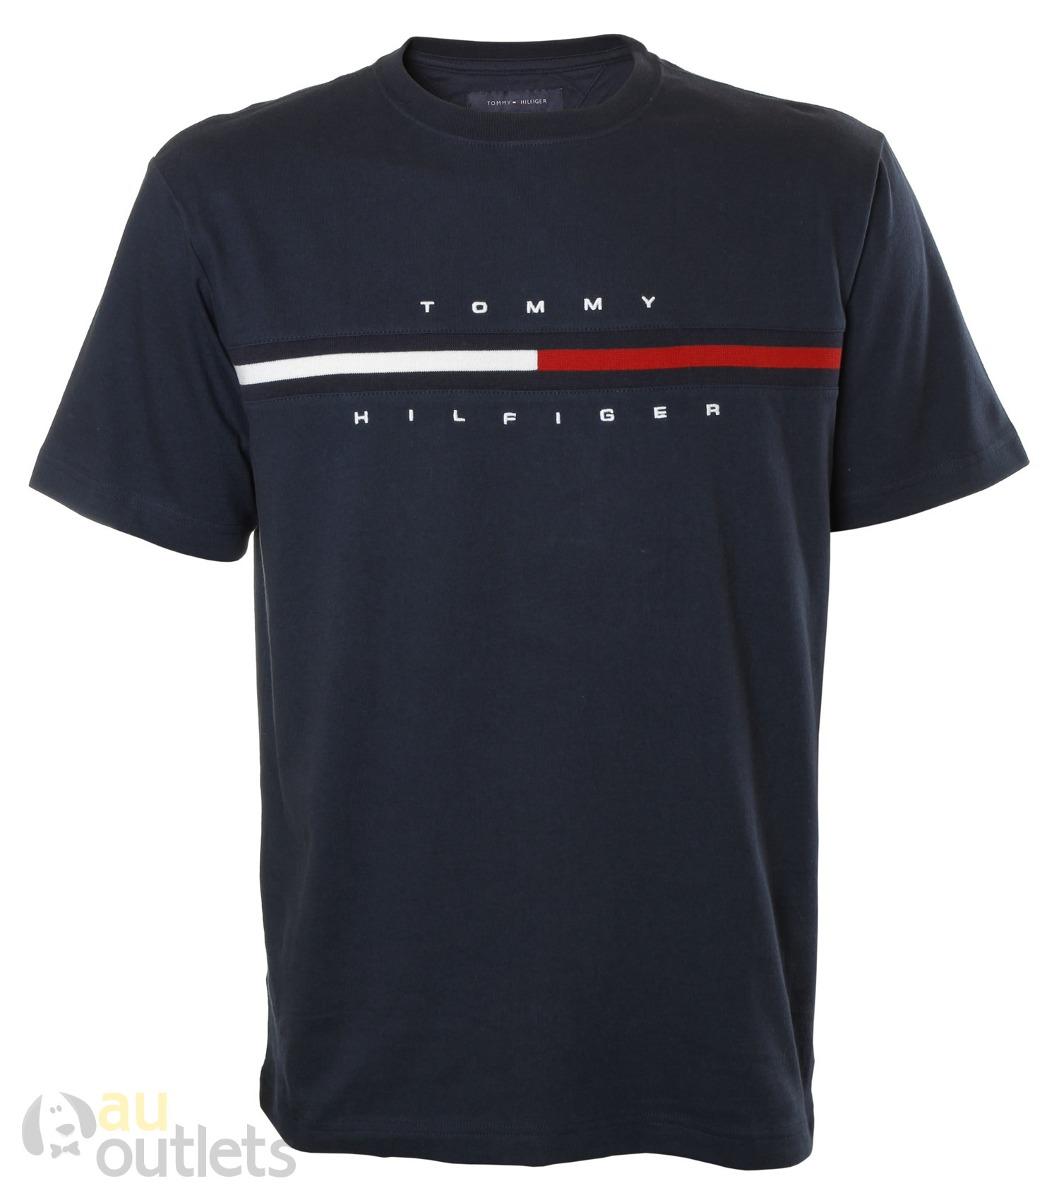 8d1a282b47 camiseta masculina tommy hilfiger matisse. Carregando zoom.